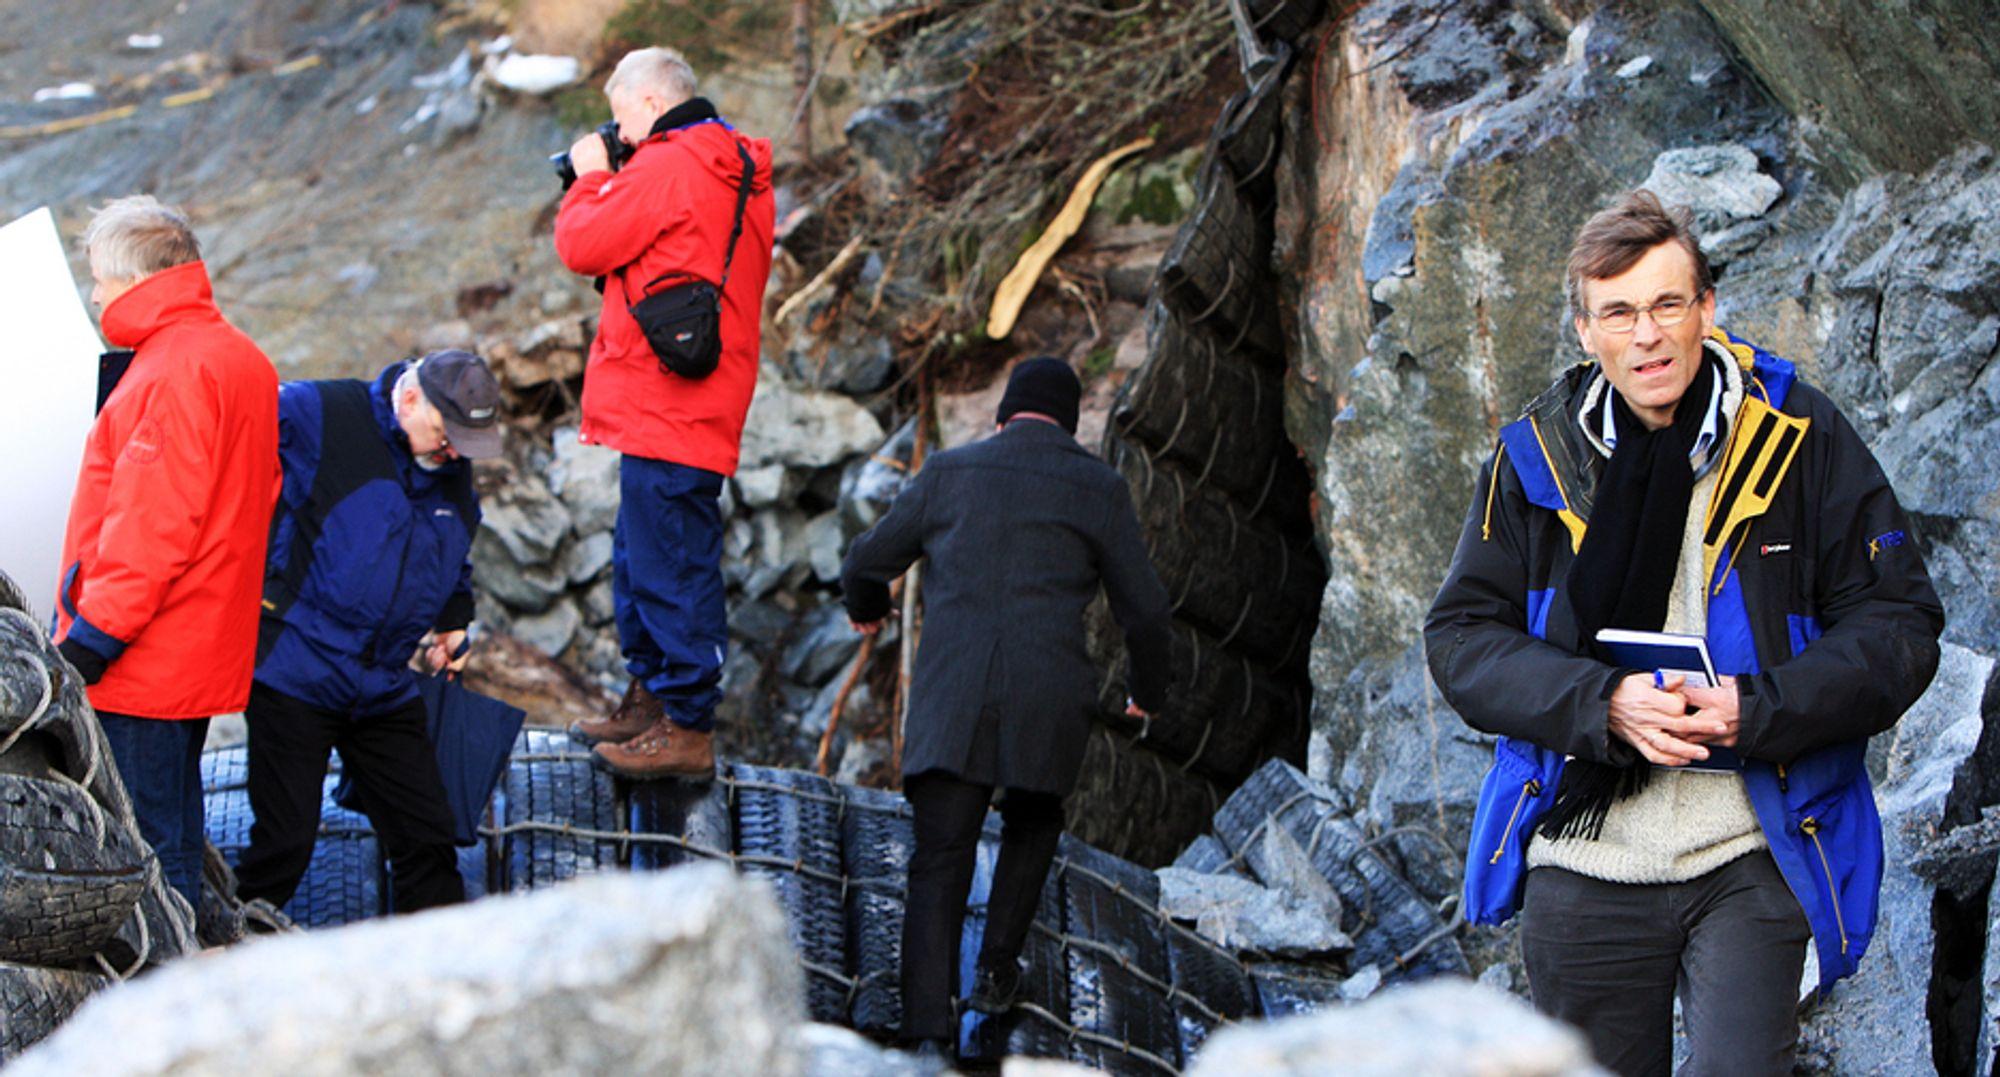 BEFART: Steinar Nordal (til høyre) og resten av ekspertgruppa undersøker leirraset i Kattmarka.